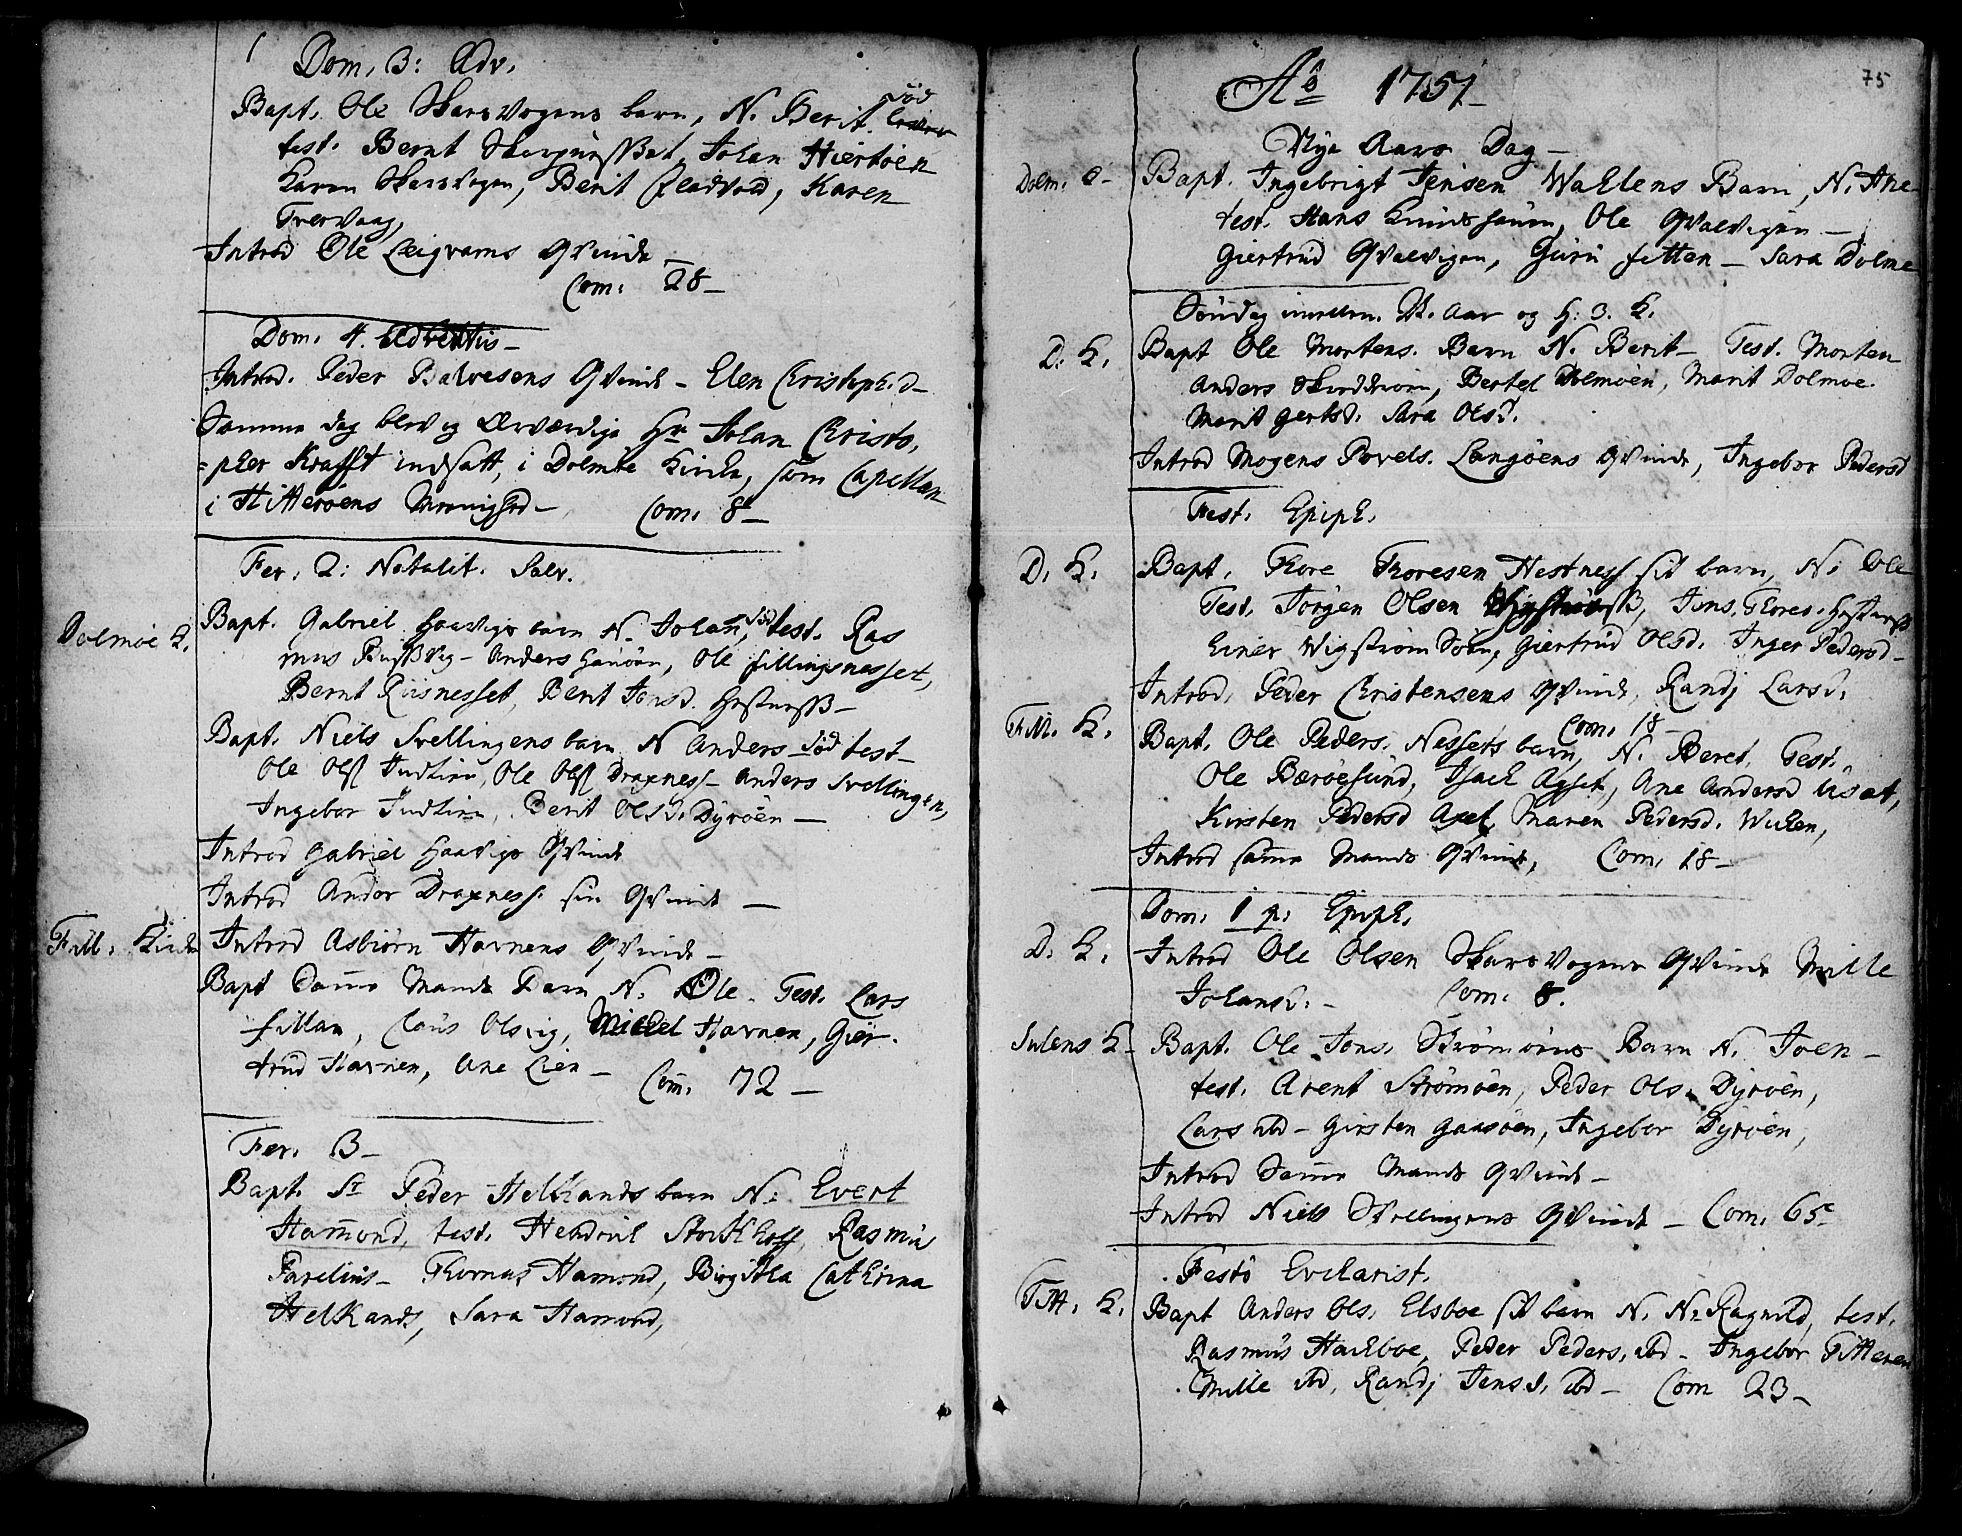 SAT, Ministerialprotokoller, klokkerbøker og fødselsregistre - Sør-Trøndelag, 634/L0525: Ministerialbok nr. 634A01, 1736-1775, s. 75